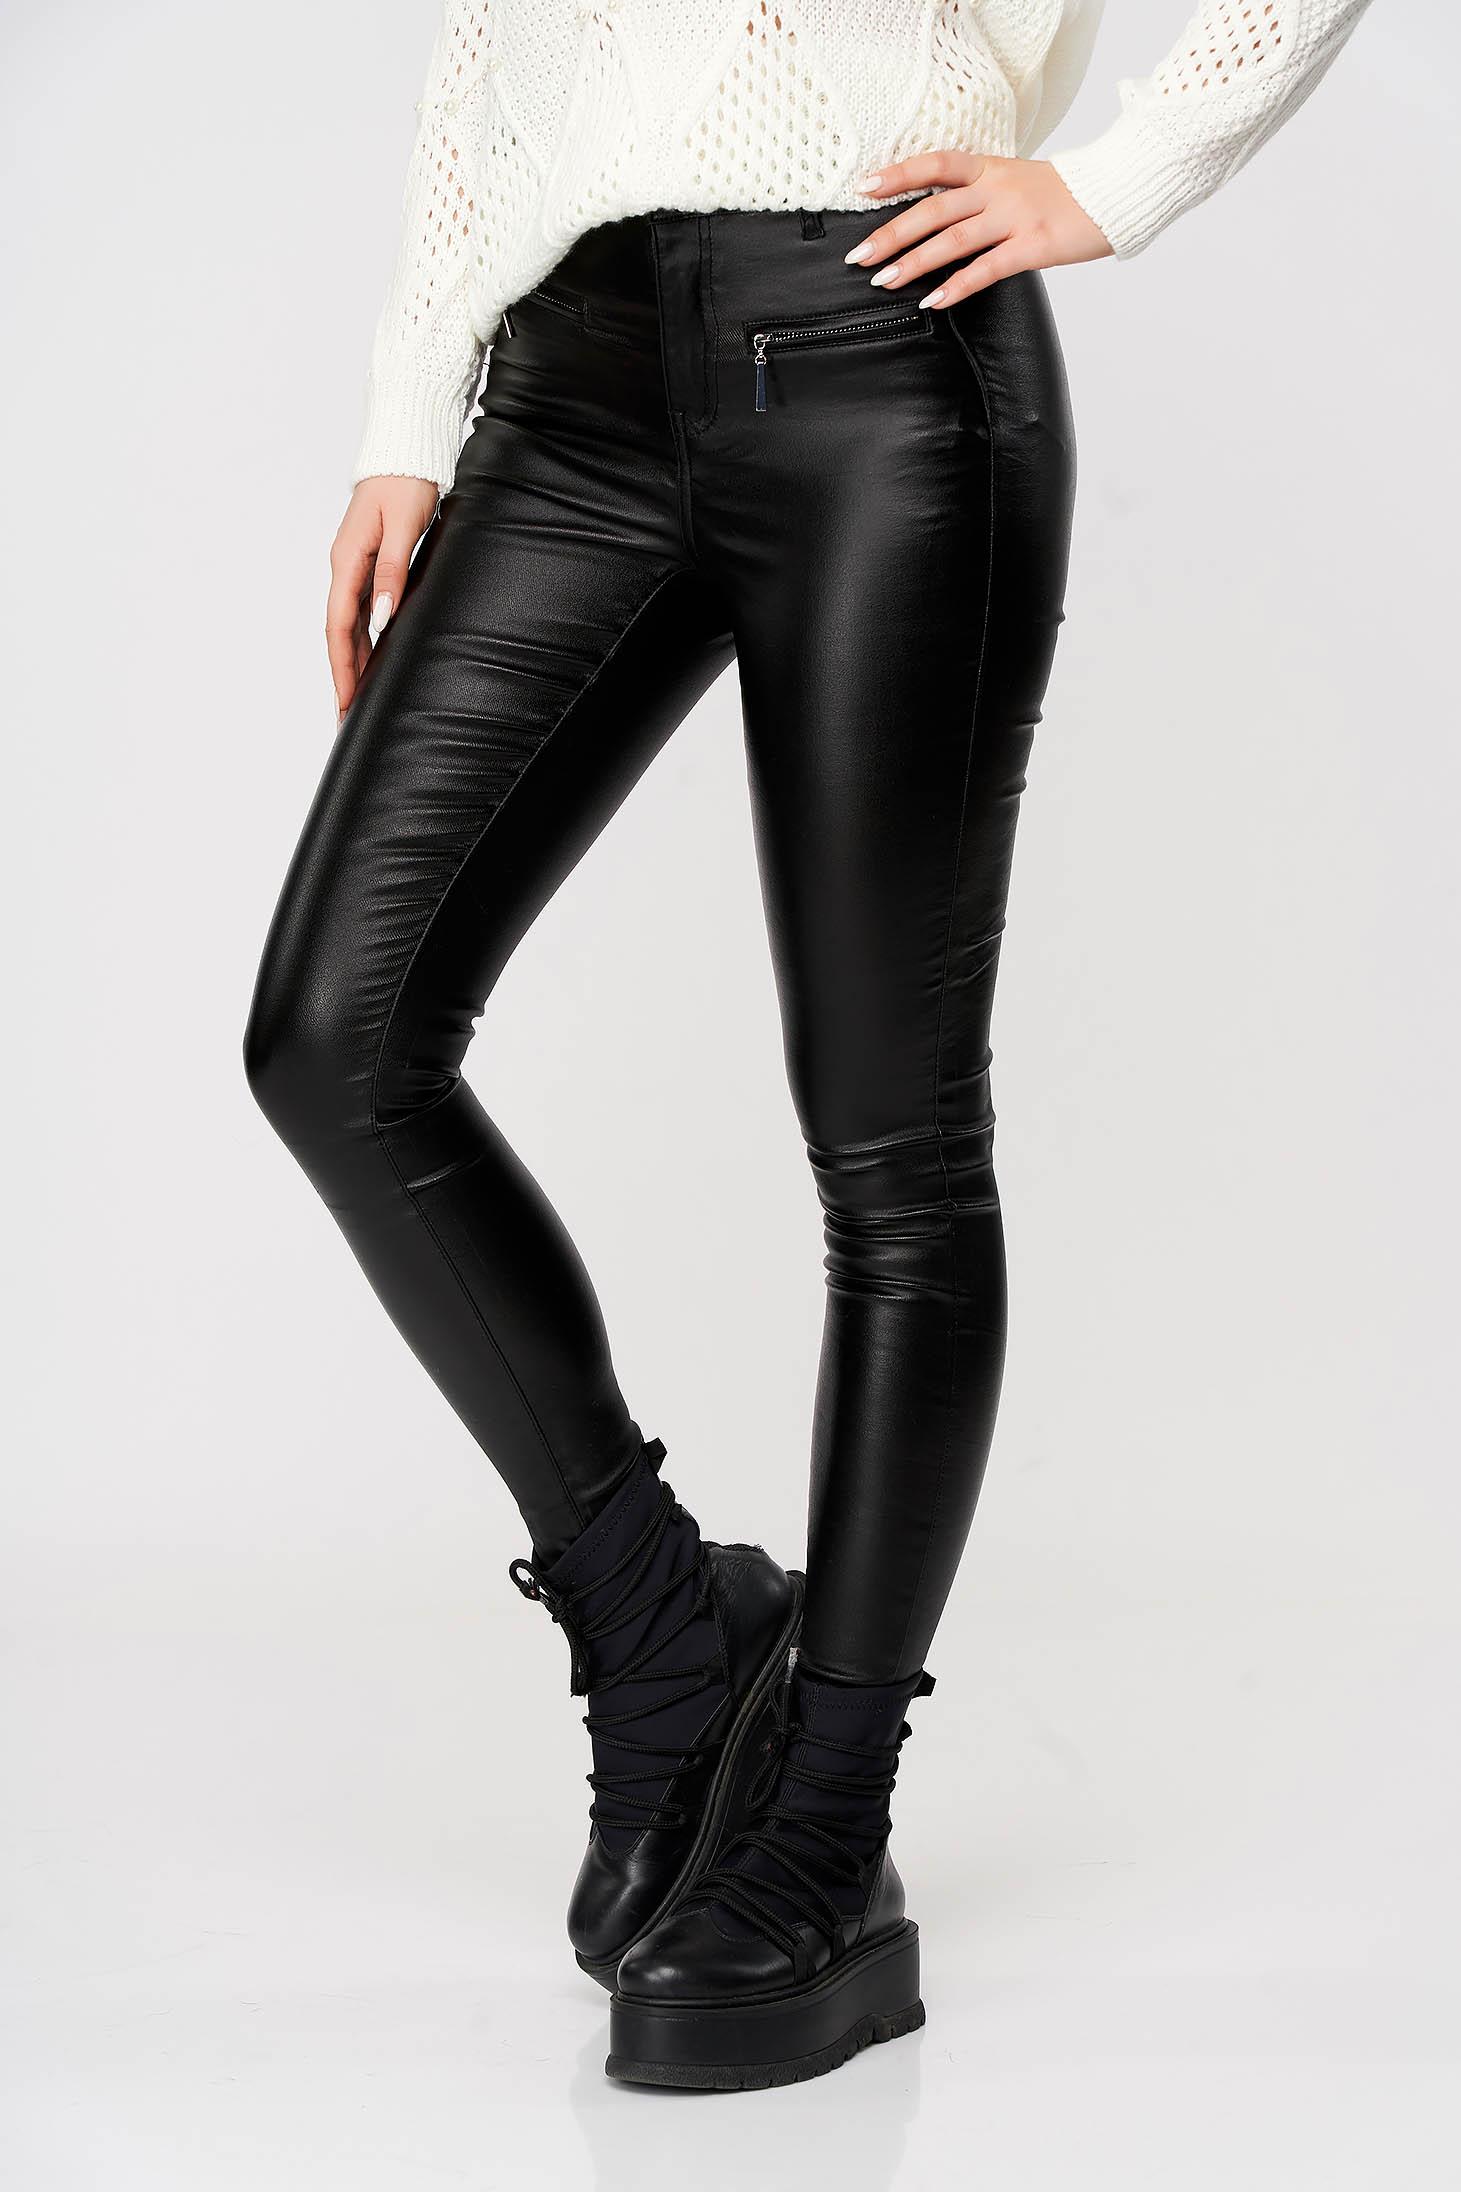 Pantaloni Top Secret din piele ecologica negri lungi accesorizati cu fermoar